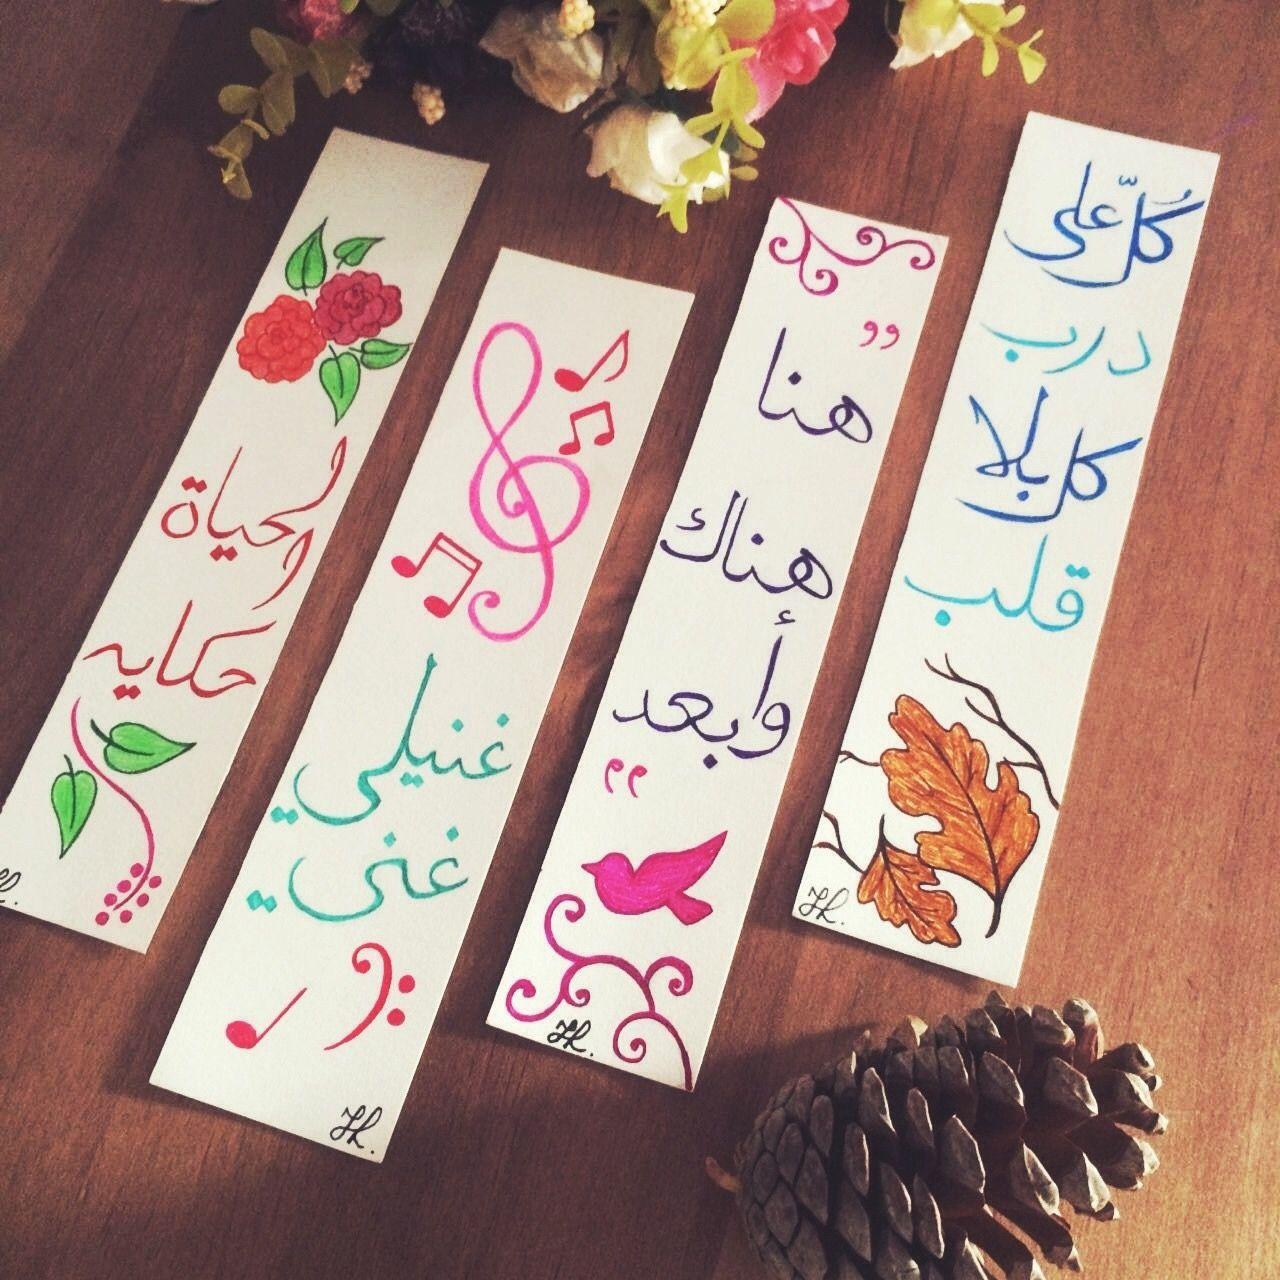 الدنيا دفتر للإنسان أجمل بدايتها التعارف وأروع مواضيعها الصراحة وأحلى سطورها الذكريات وأغلى أوراقها Calligraphy Quotes Love Mommy Crafts Notes Art